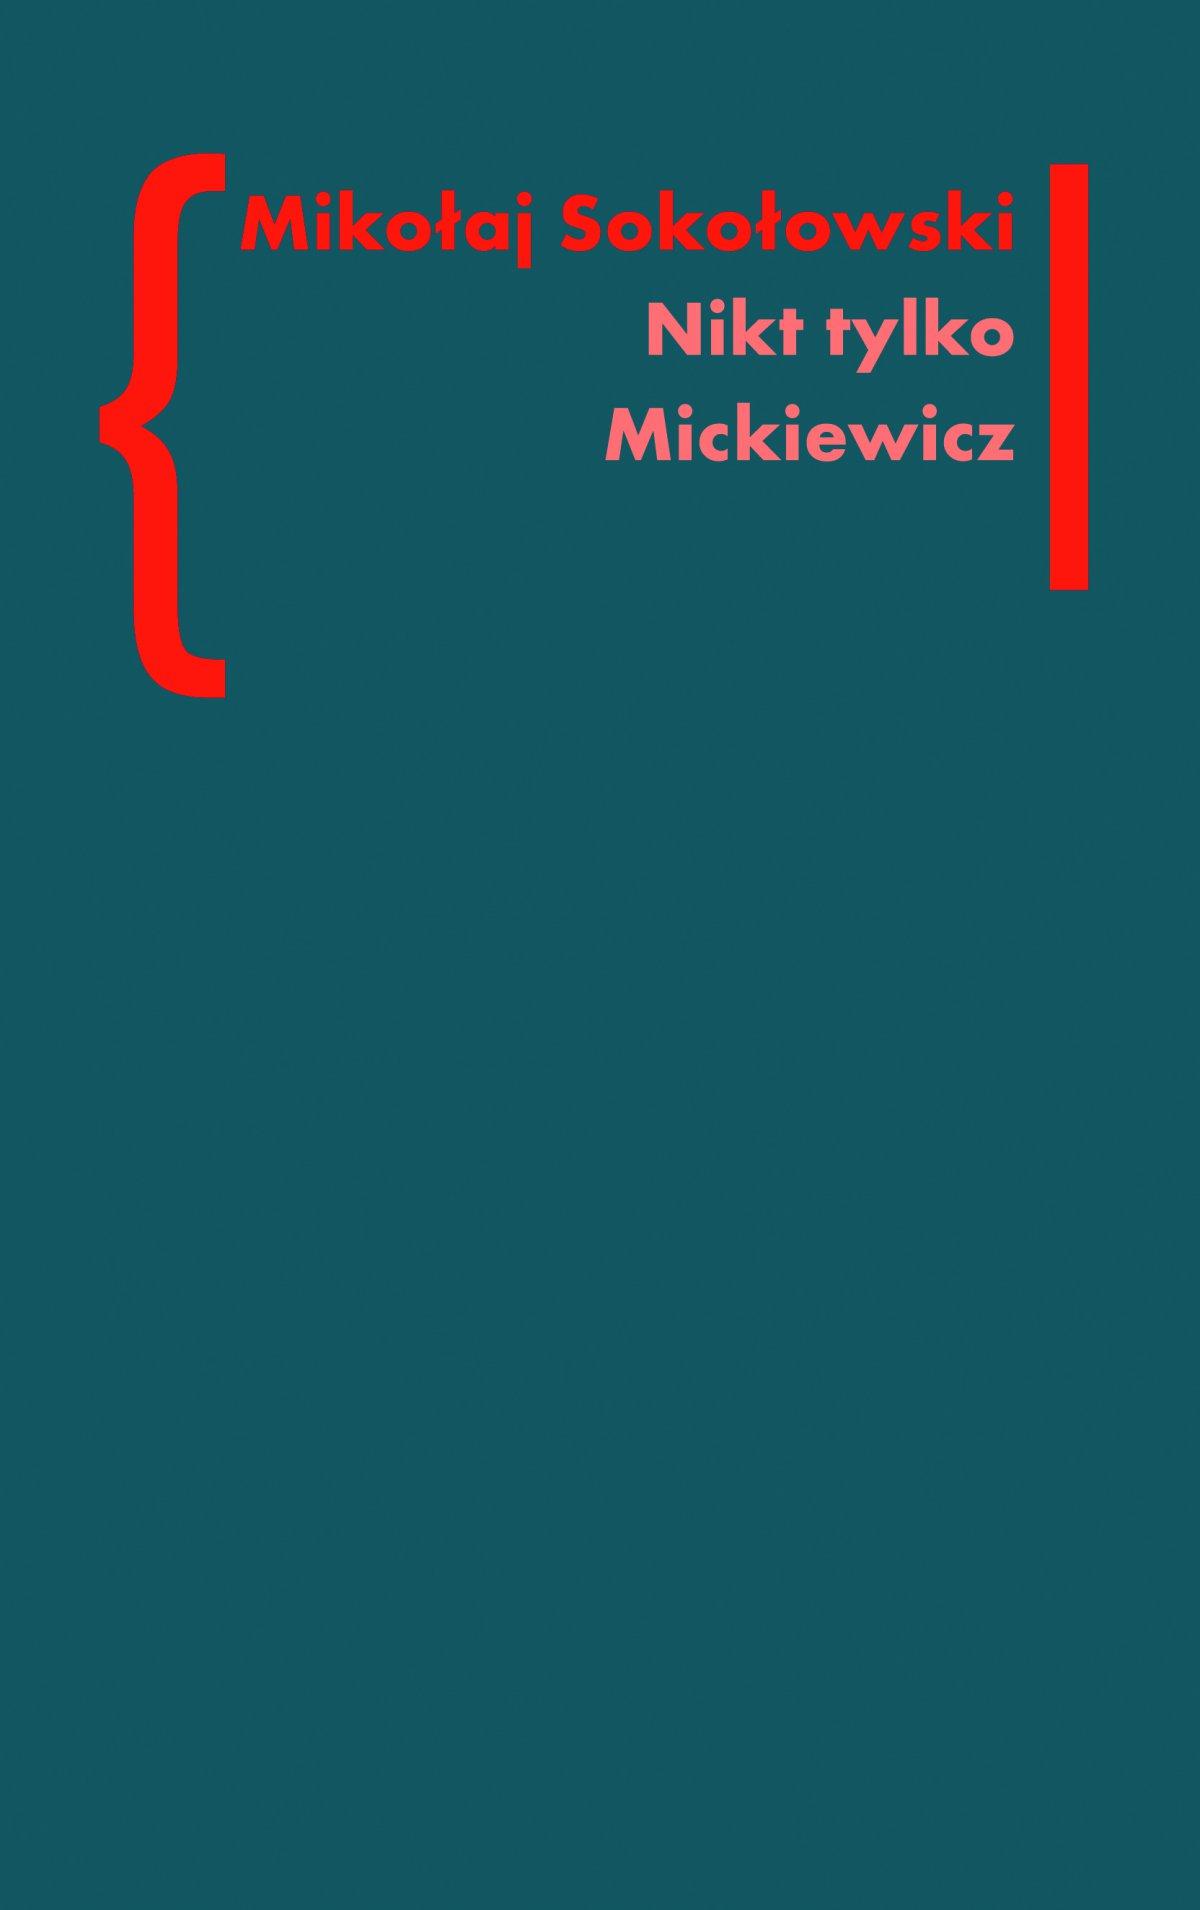 Nikt tylko Mickiewicz - Ebook (Książka na Kindle) do pobrania w formacie MOBI